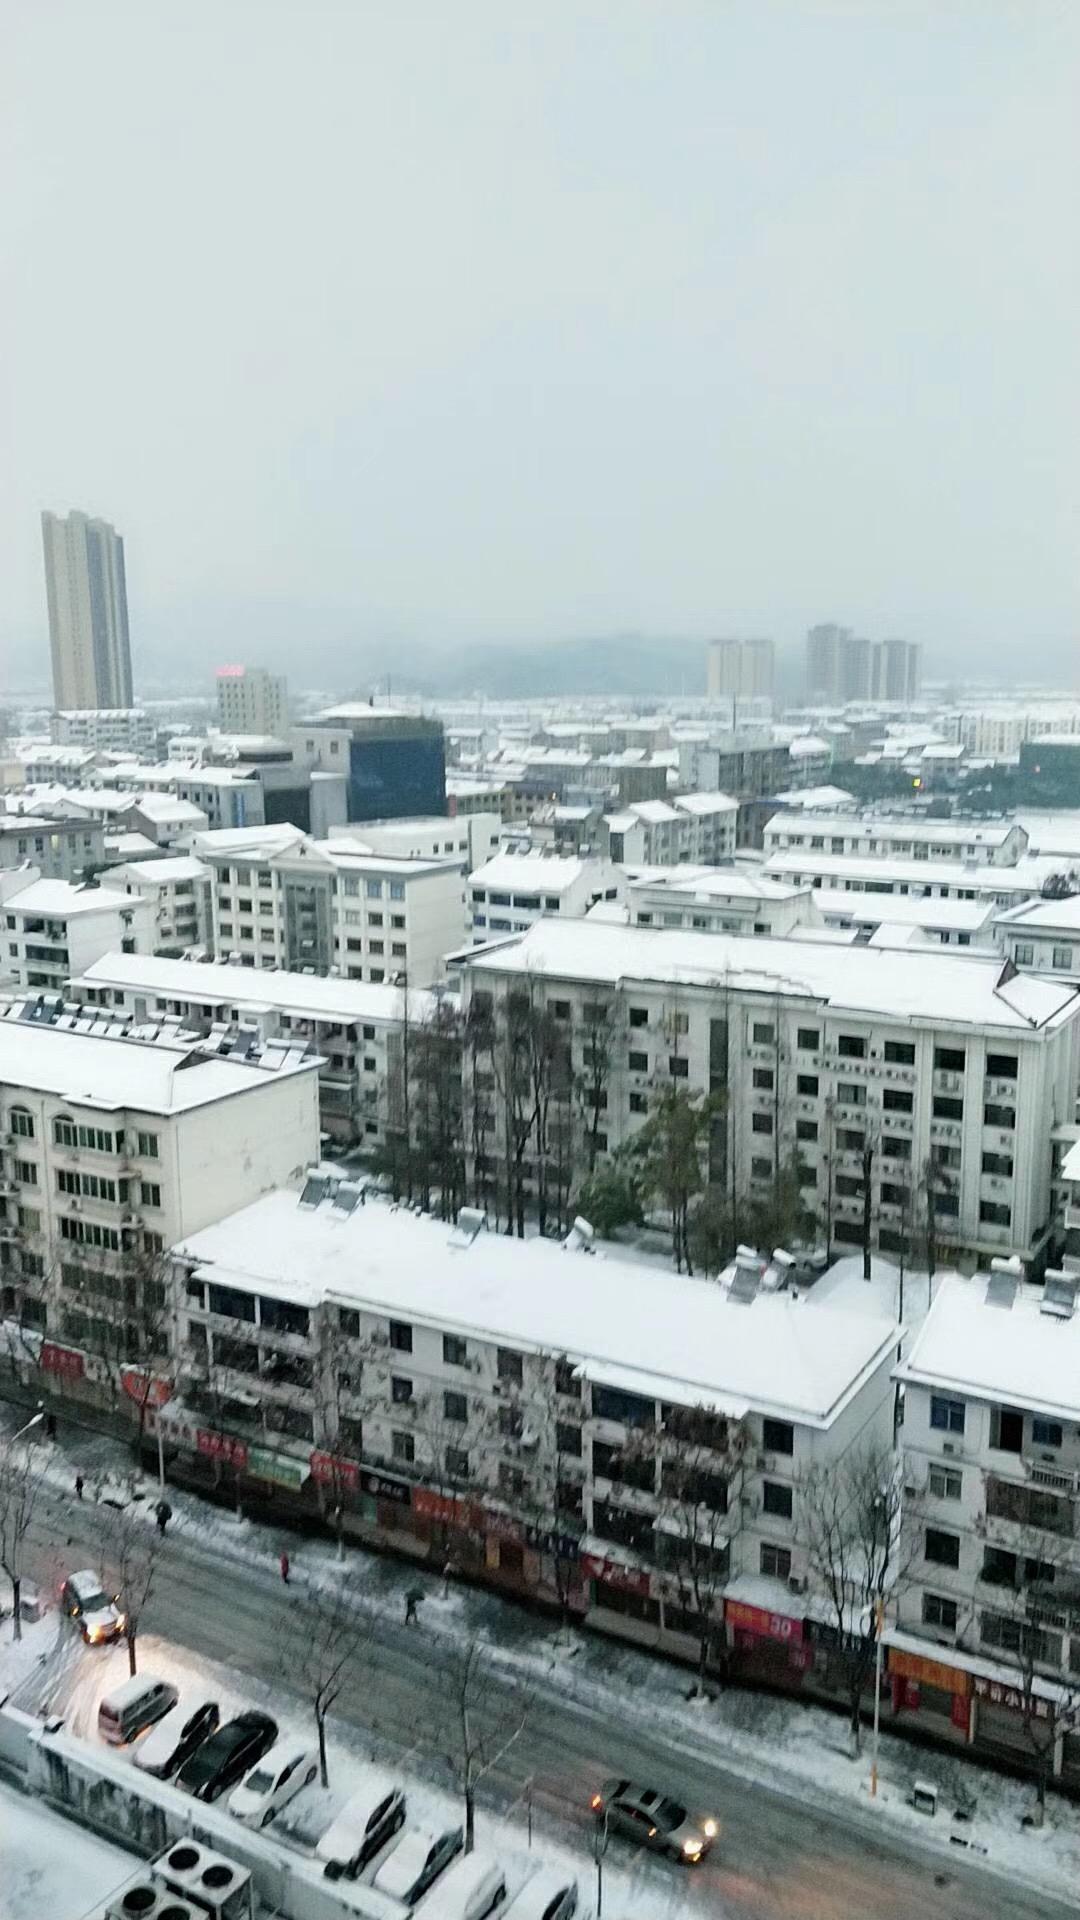 宜昌多地迎来新年首场大雪,你那里下雪了吗?